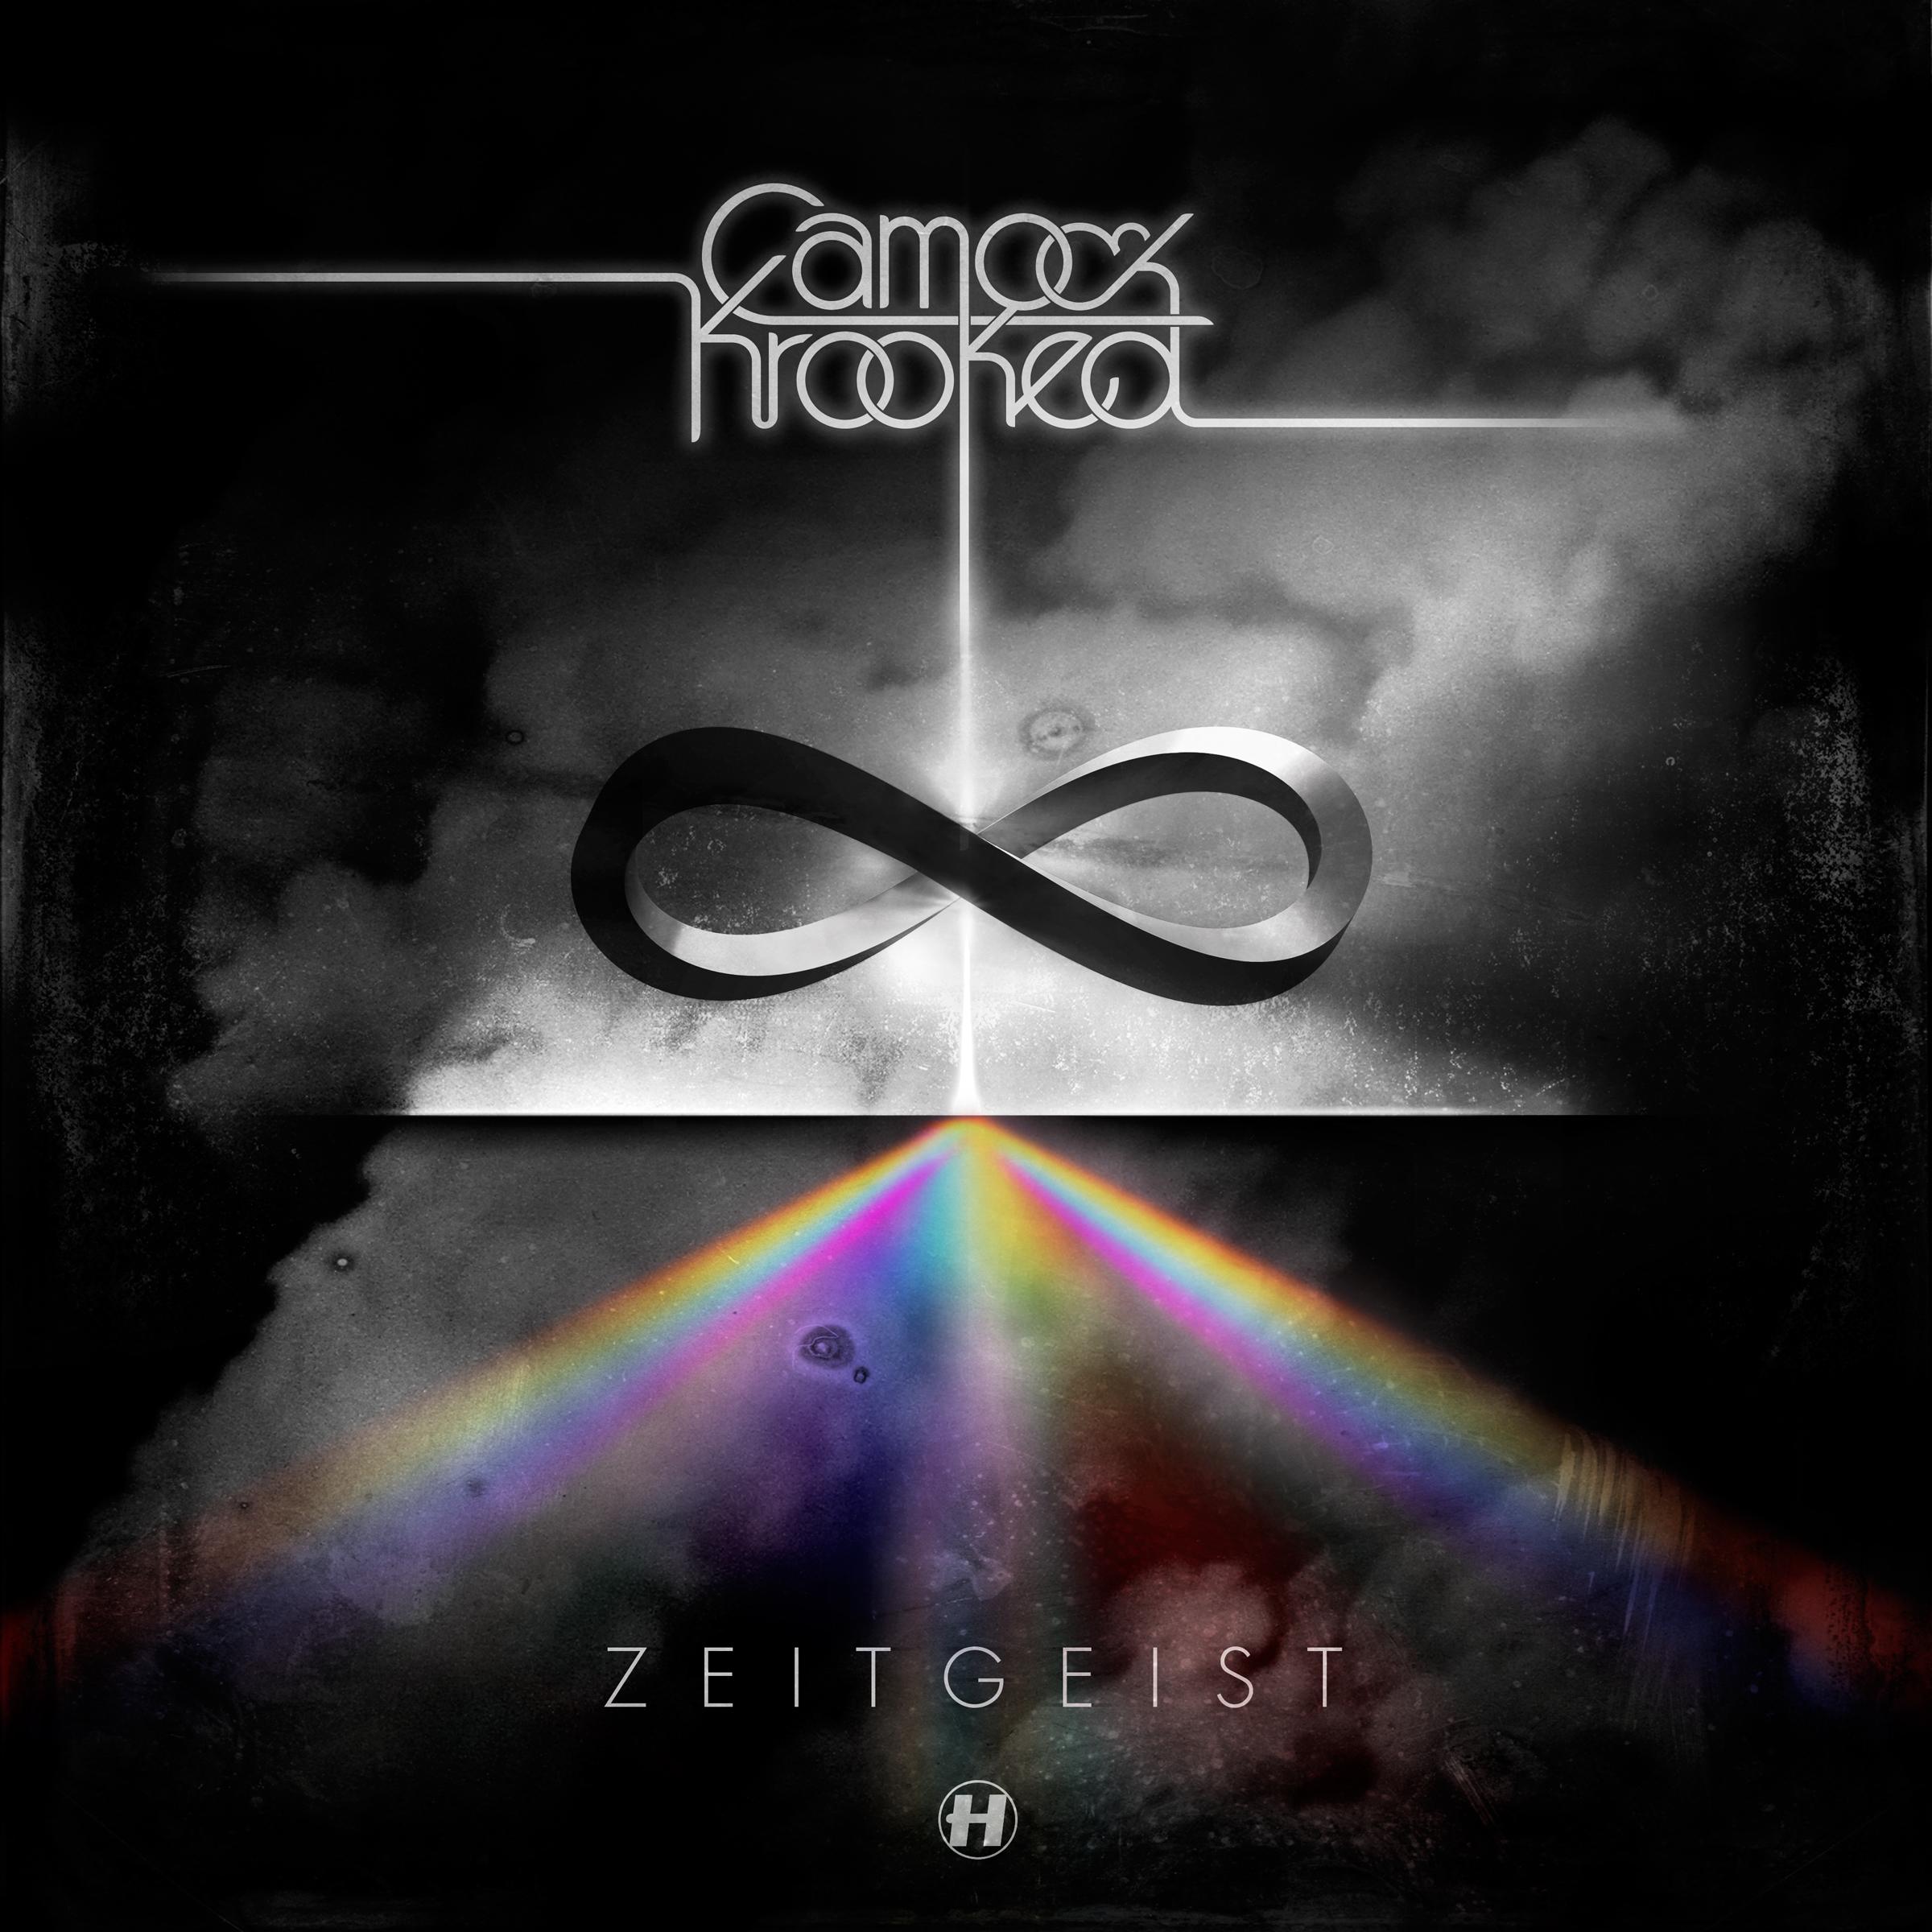 Camo & Krooked/ZEITGEIST CD